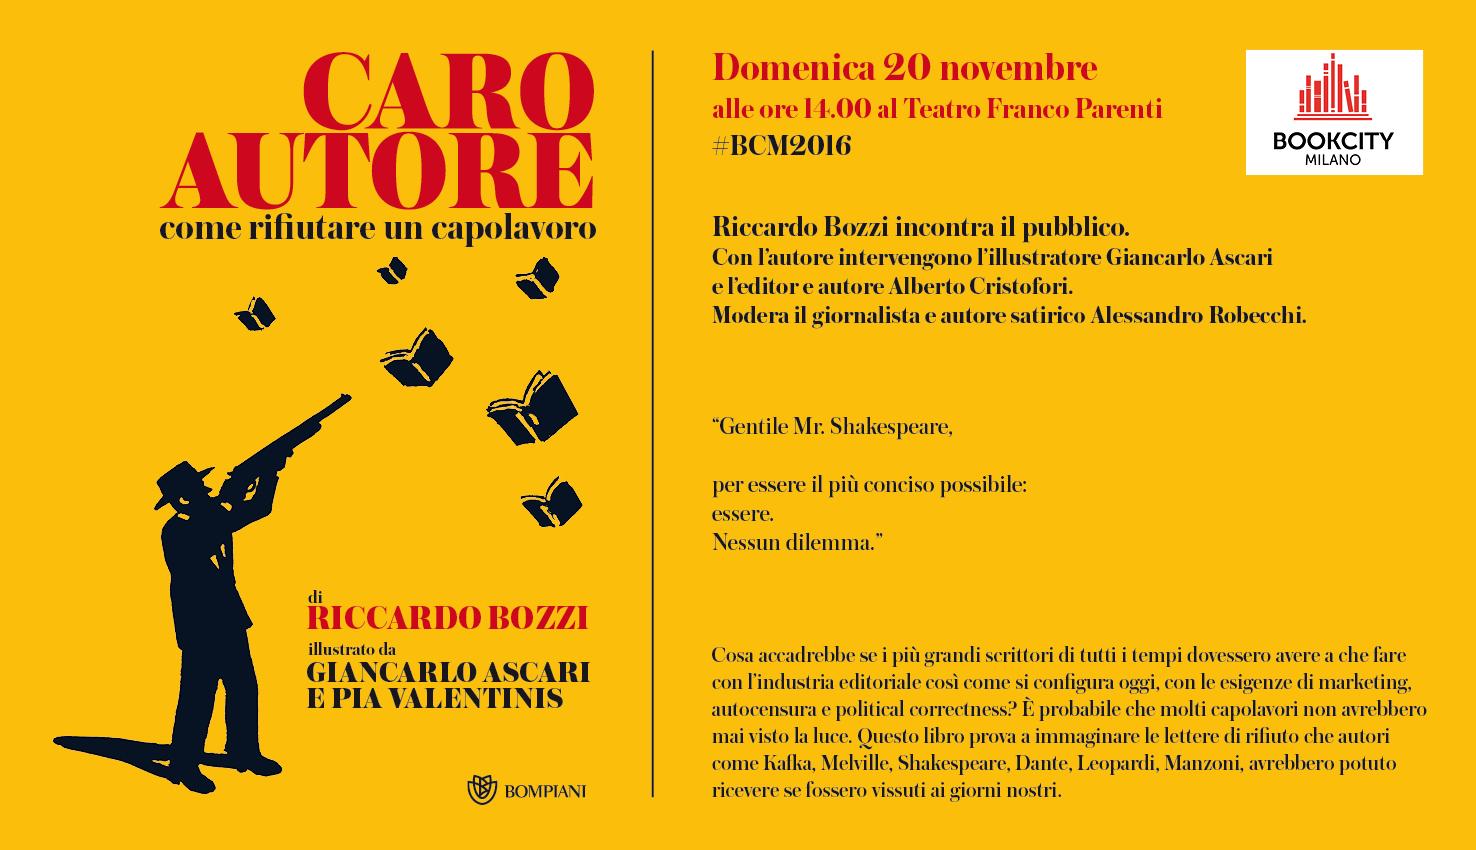 caro_autore_invito_presentazione_def_2